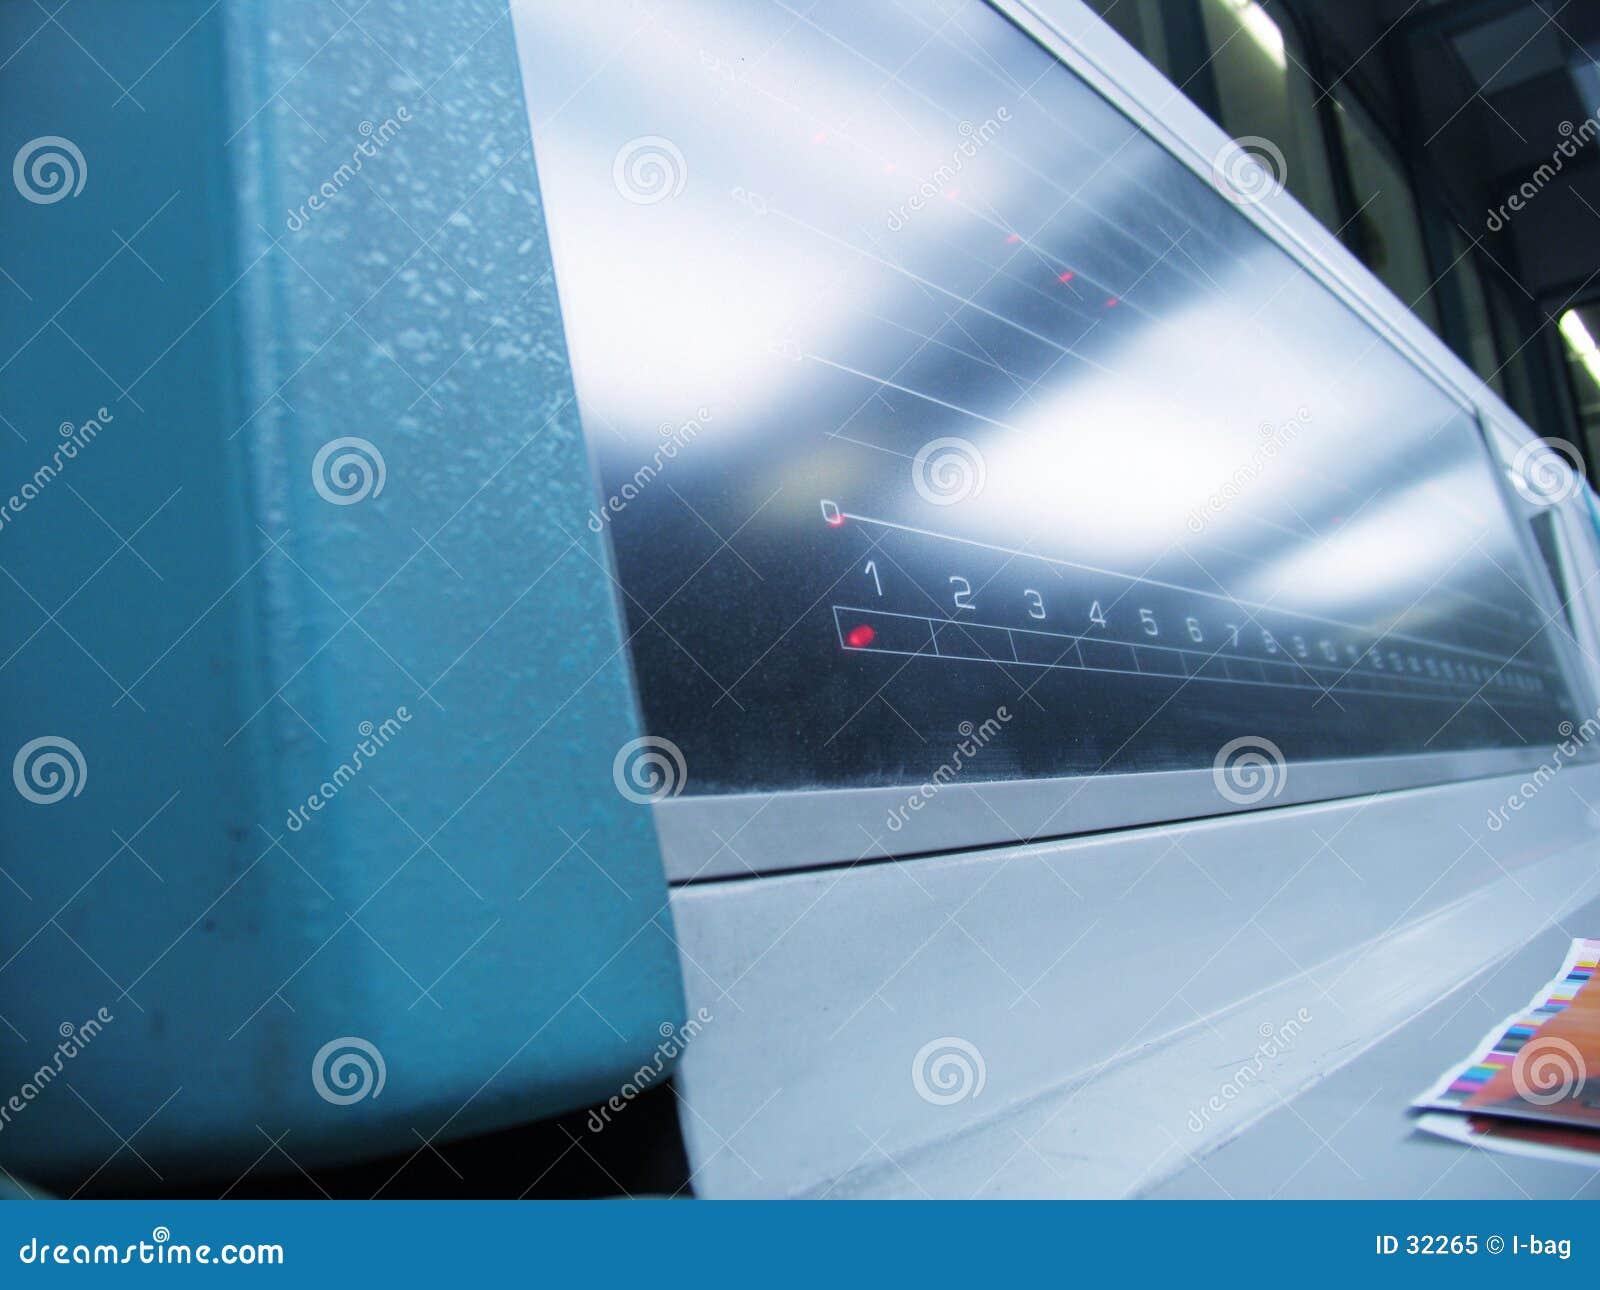 Printing machine panel